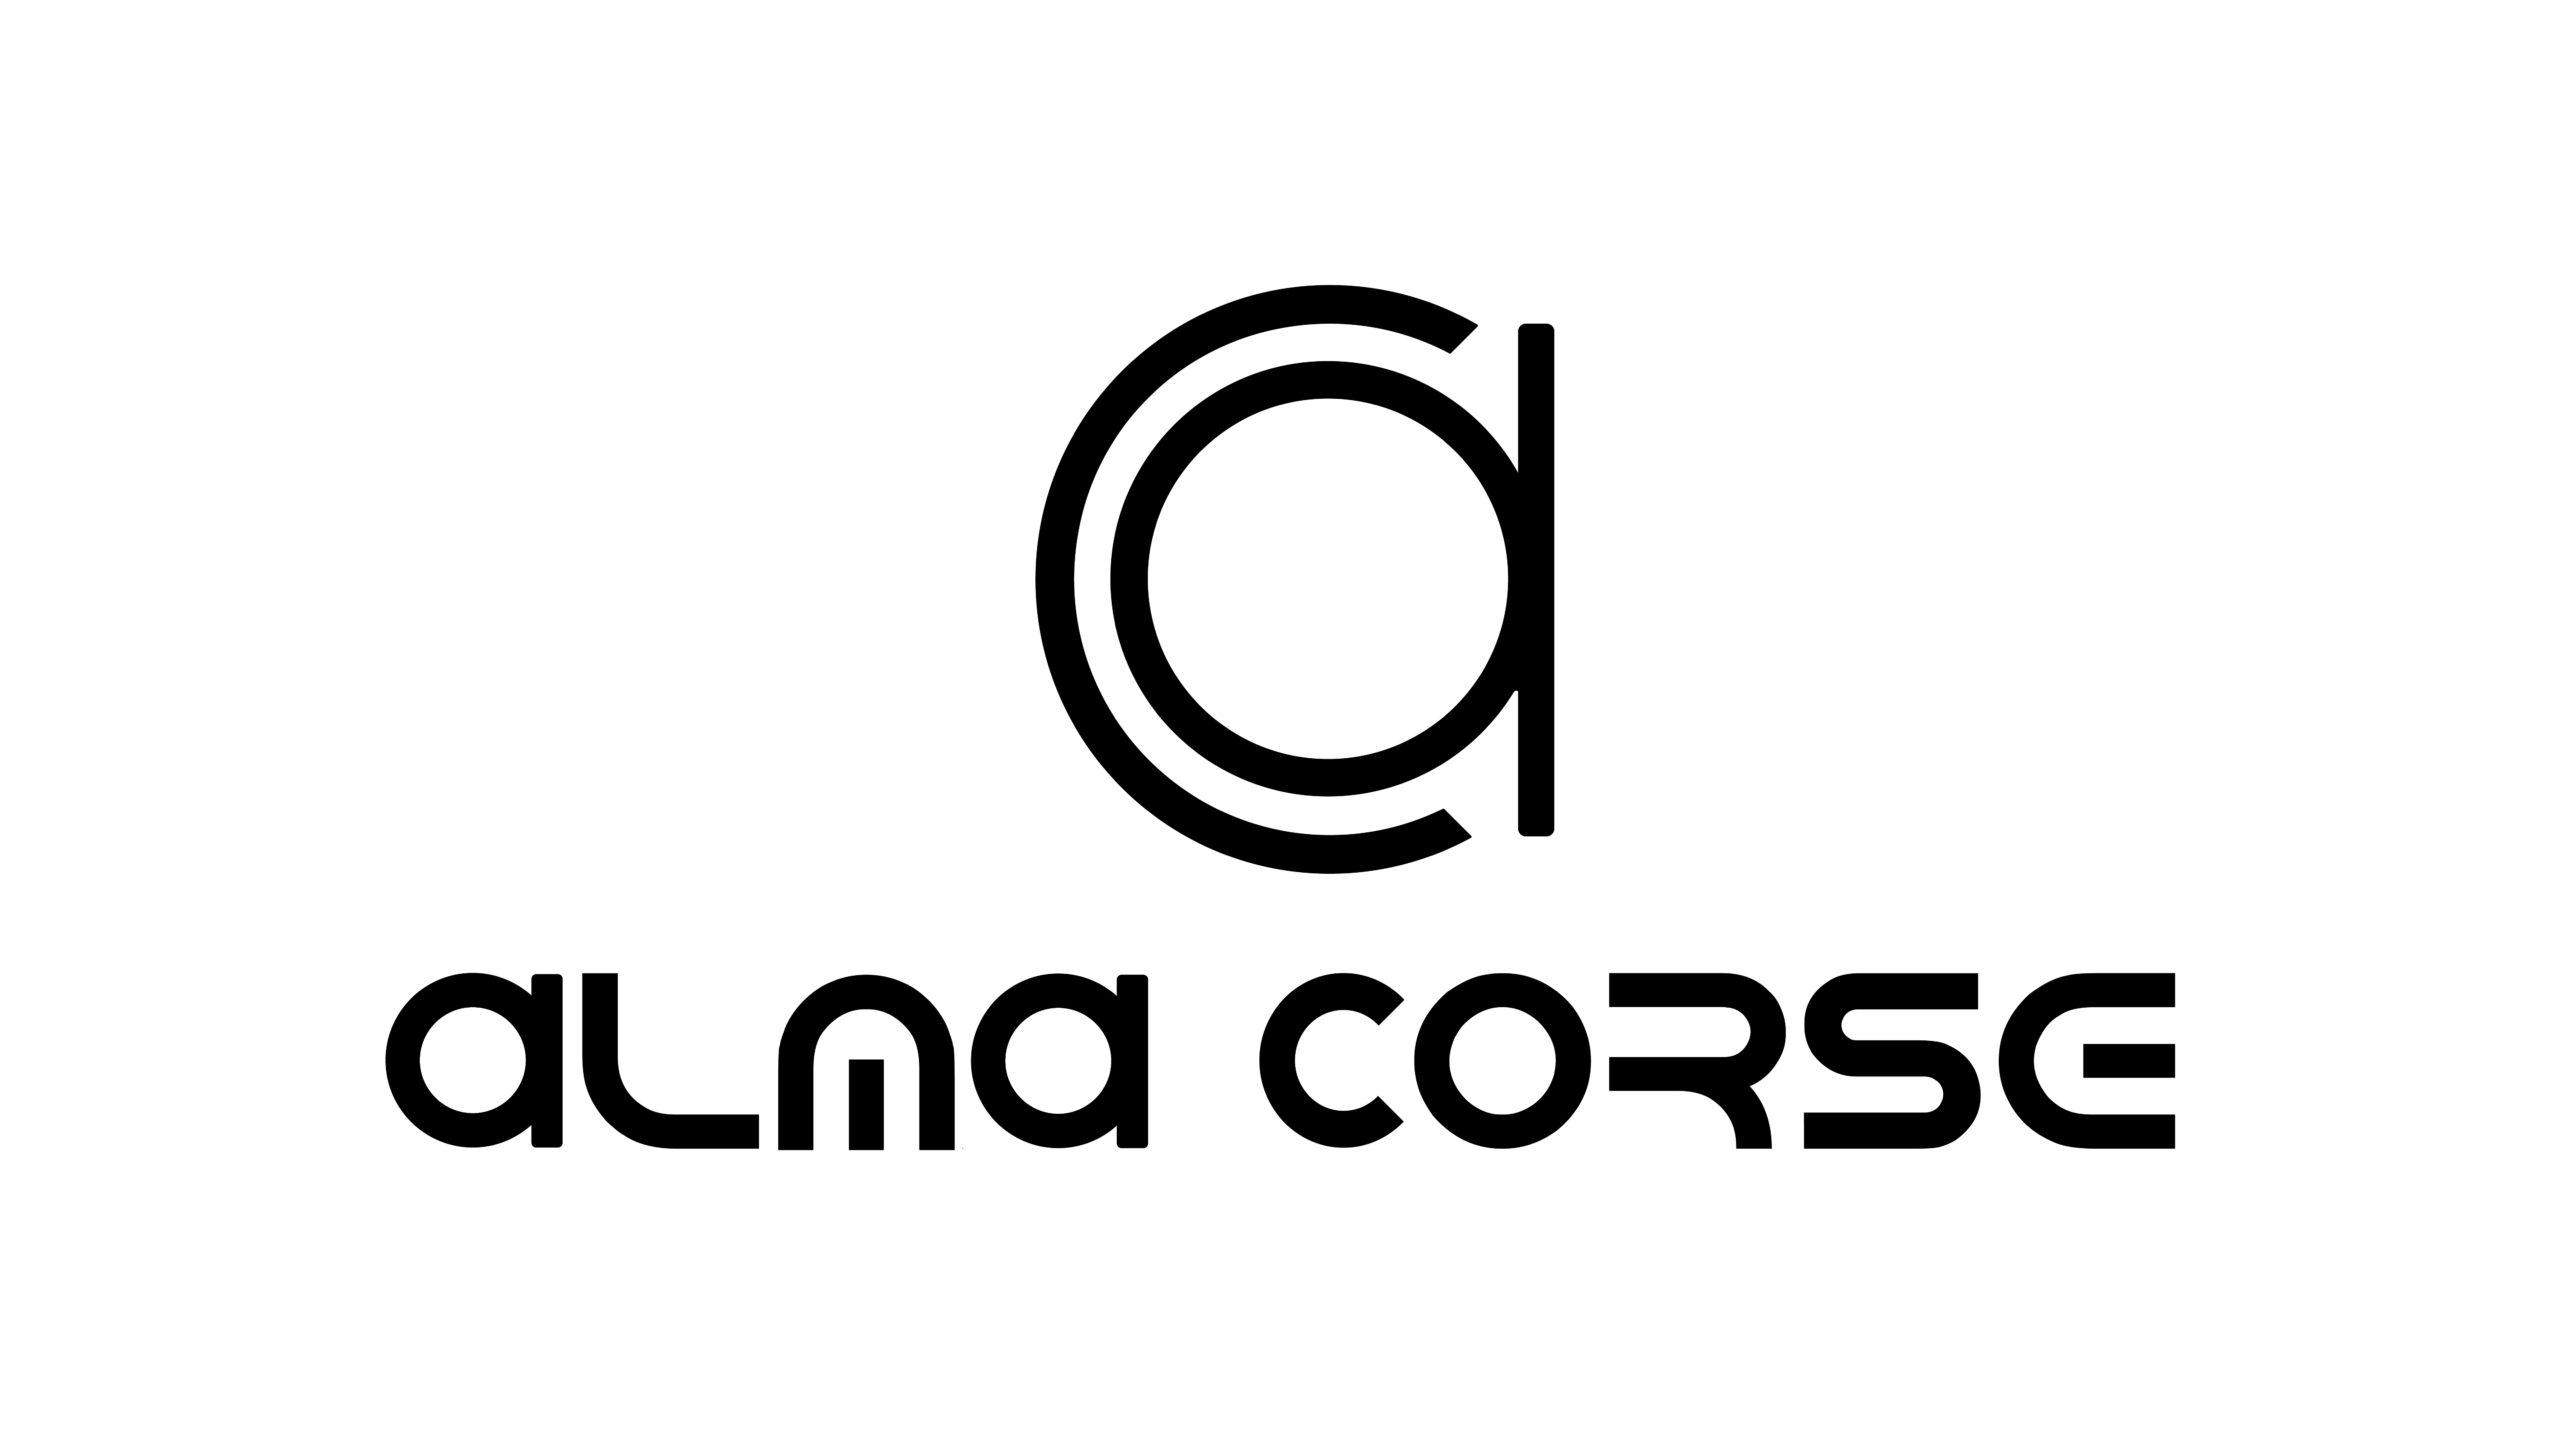 Alma Corse